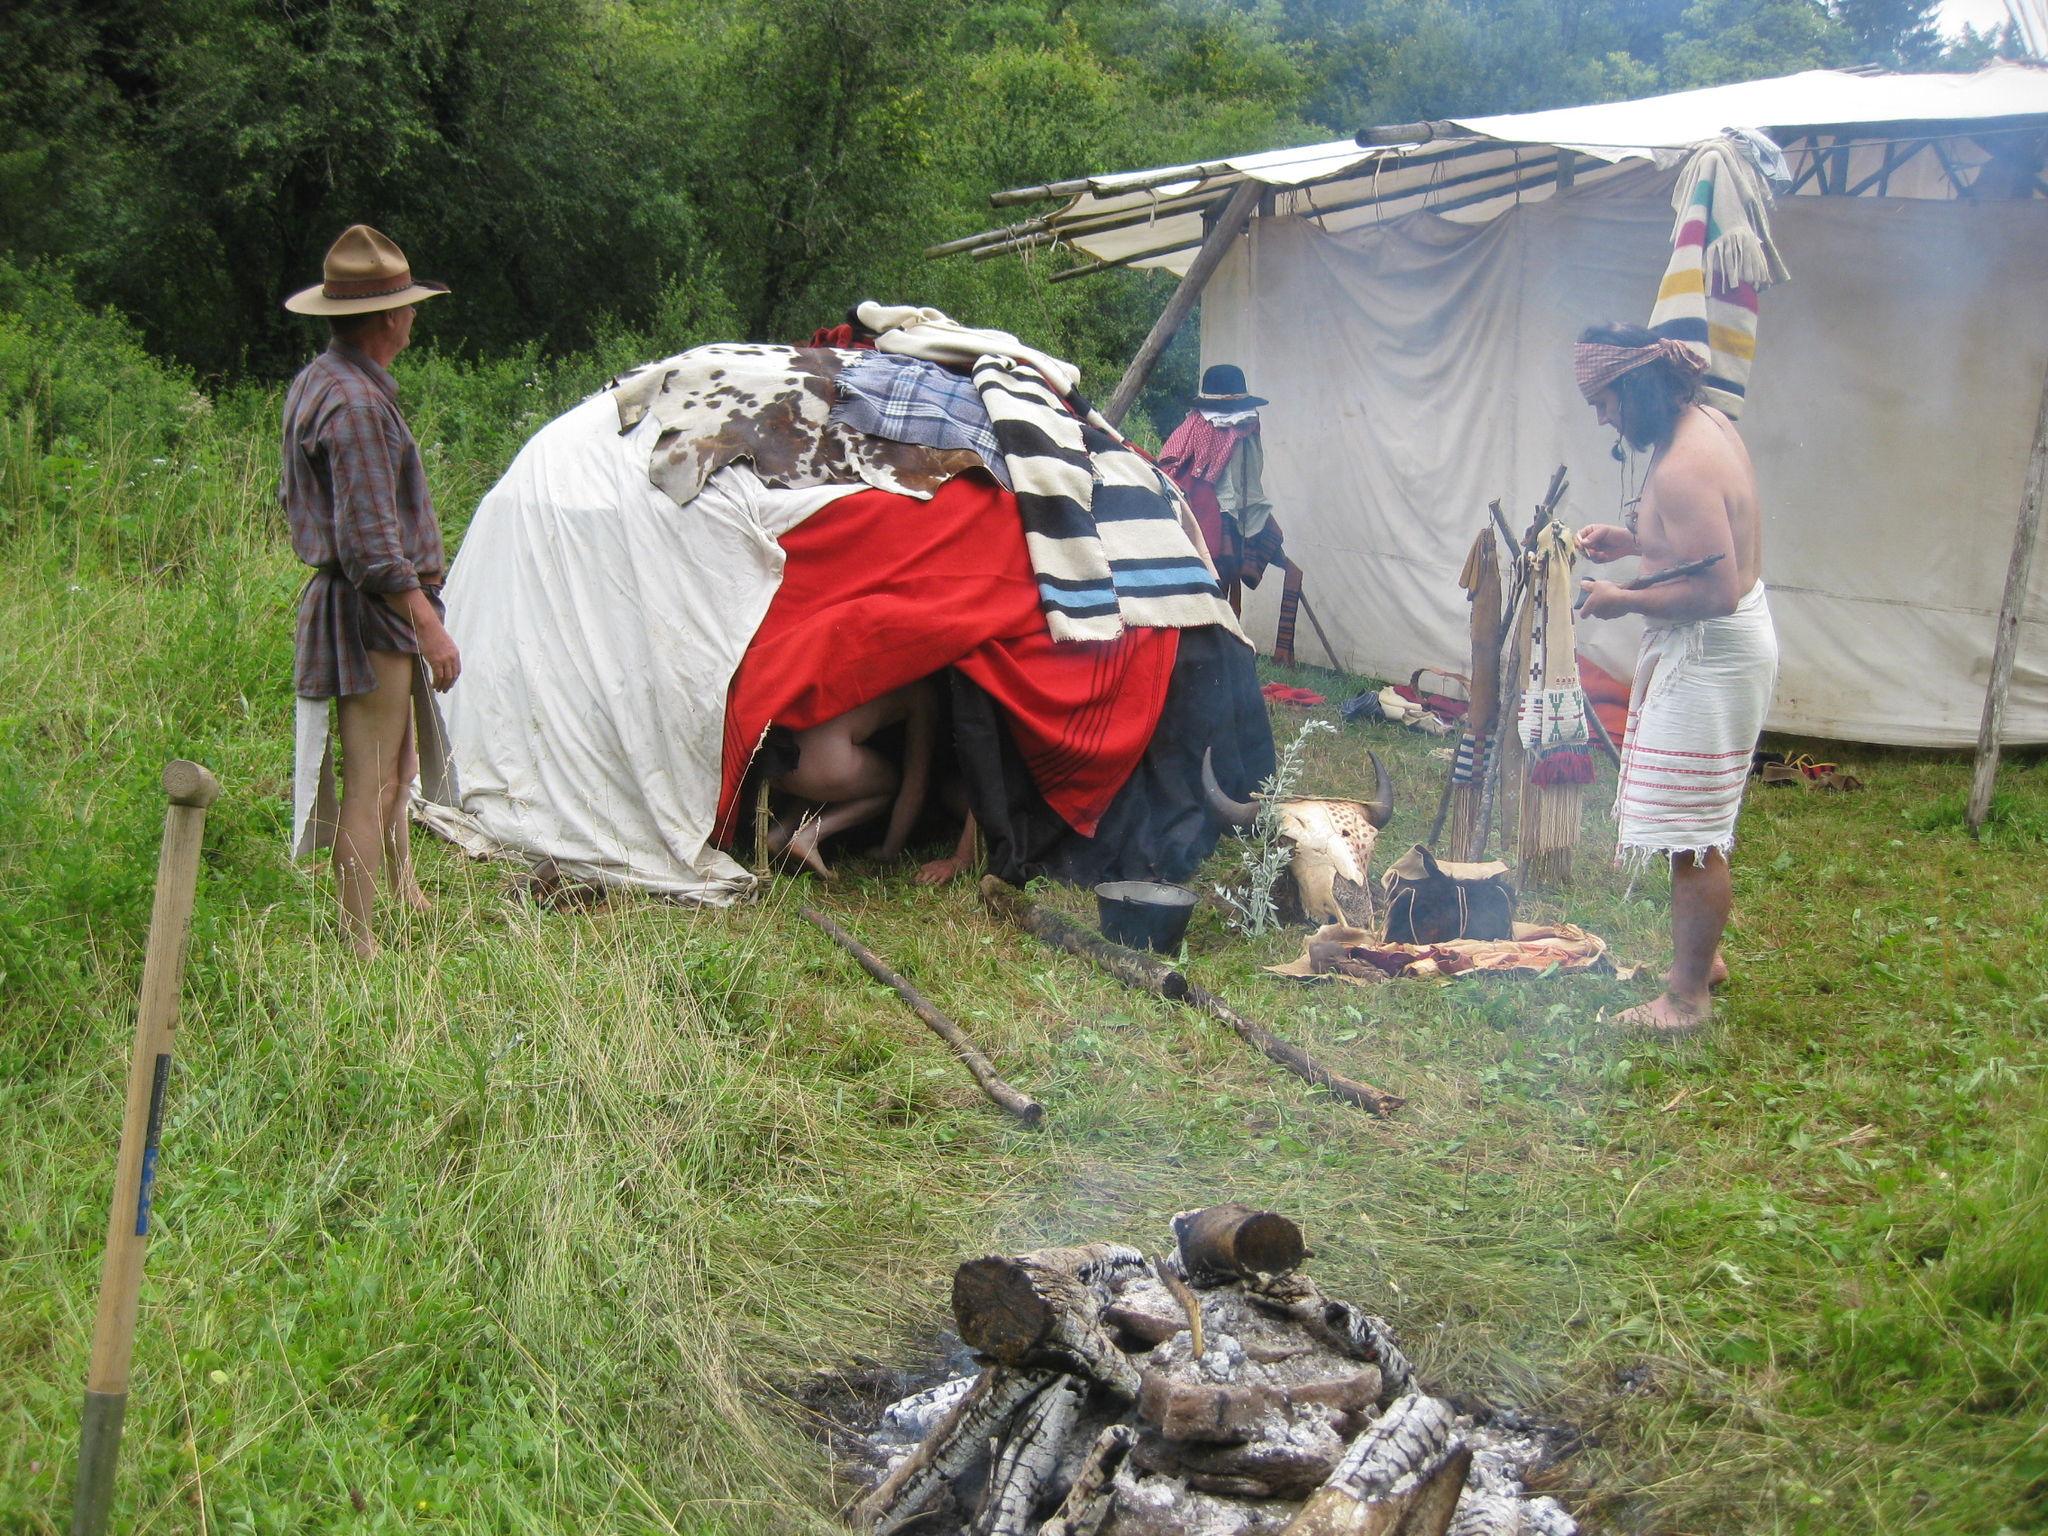 Rendez-Vous 2012 À Xammes : Des Indianistes Les Pieds Dans intérieur Danse Du Bison